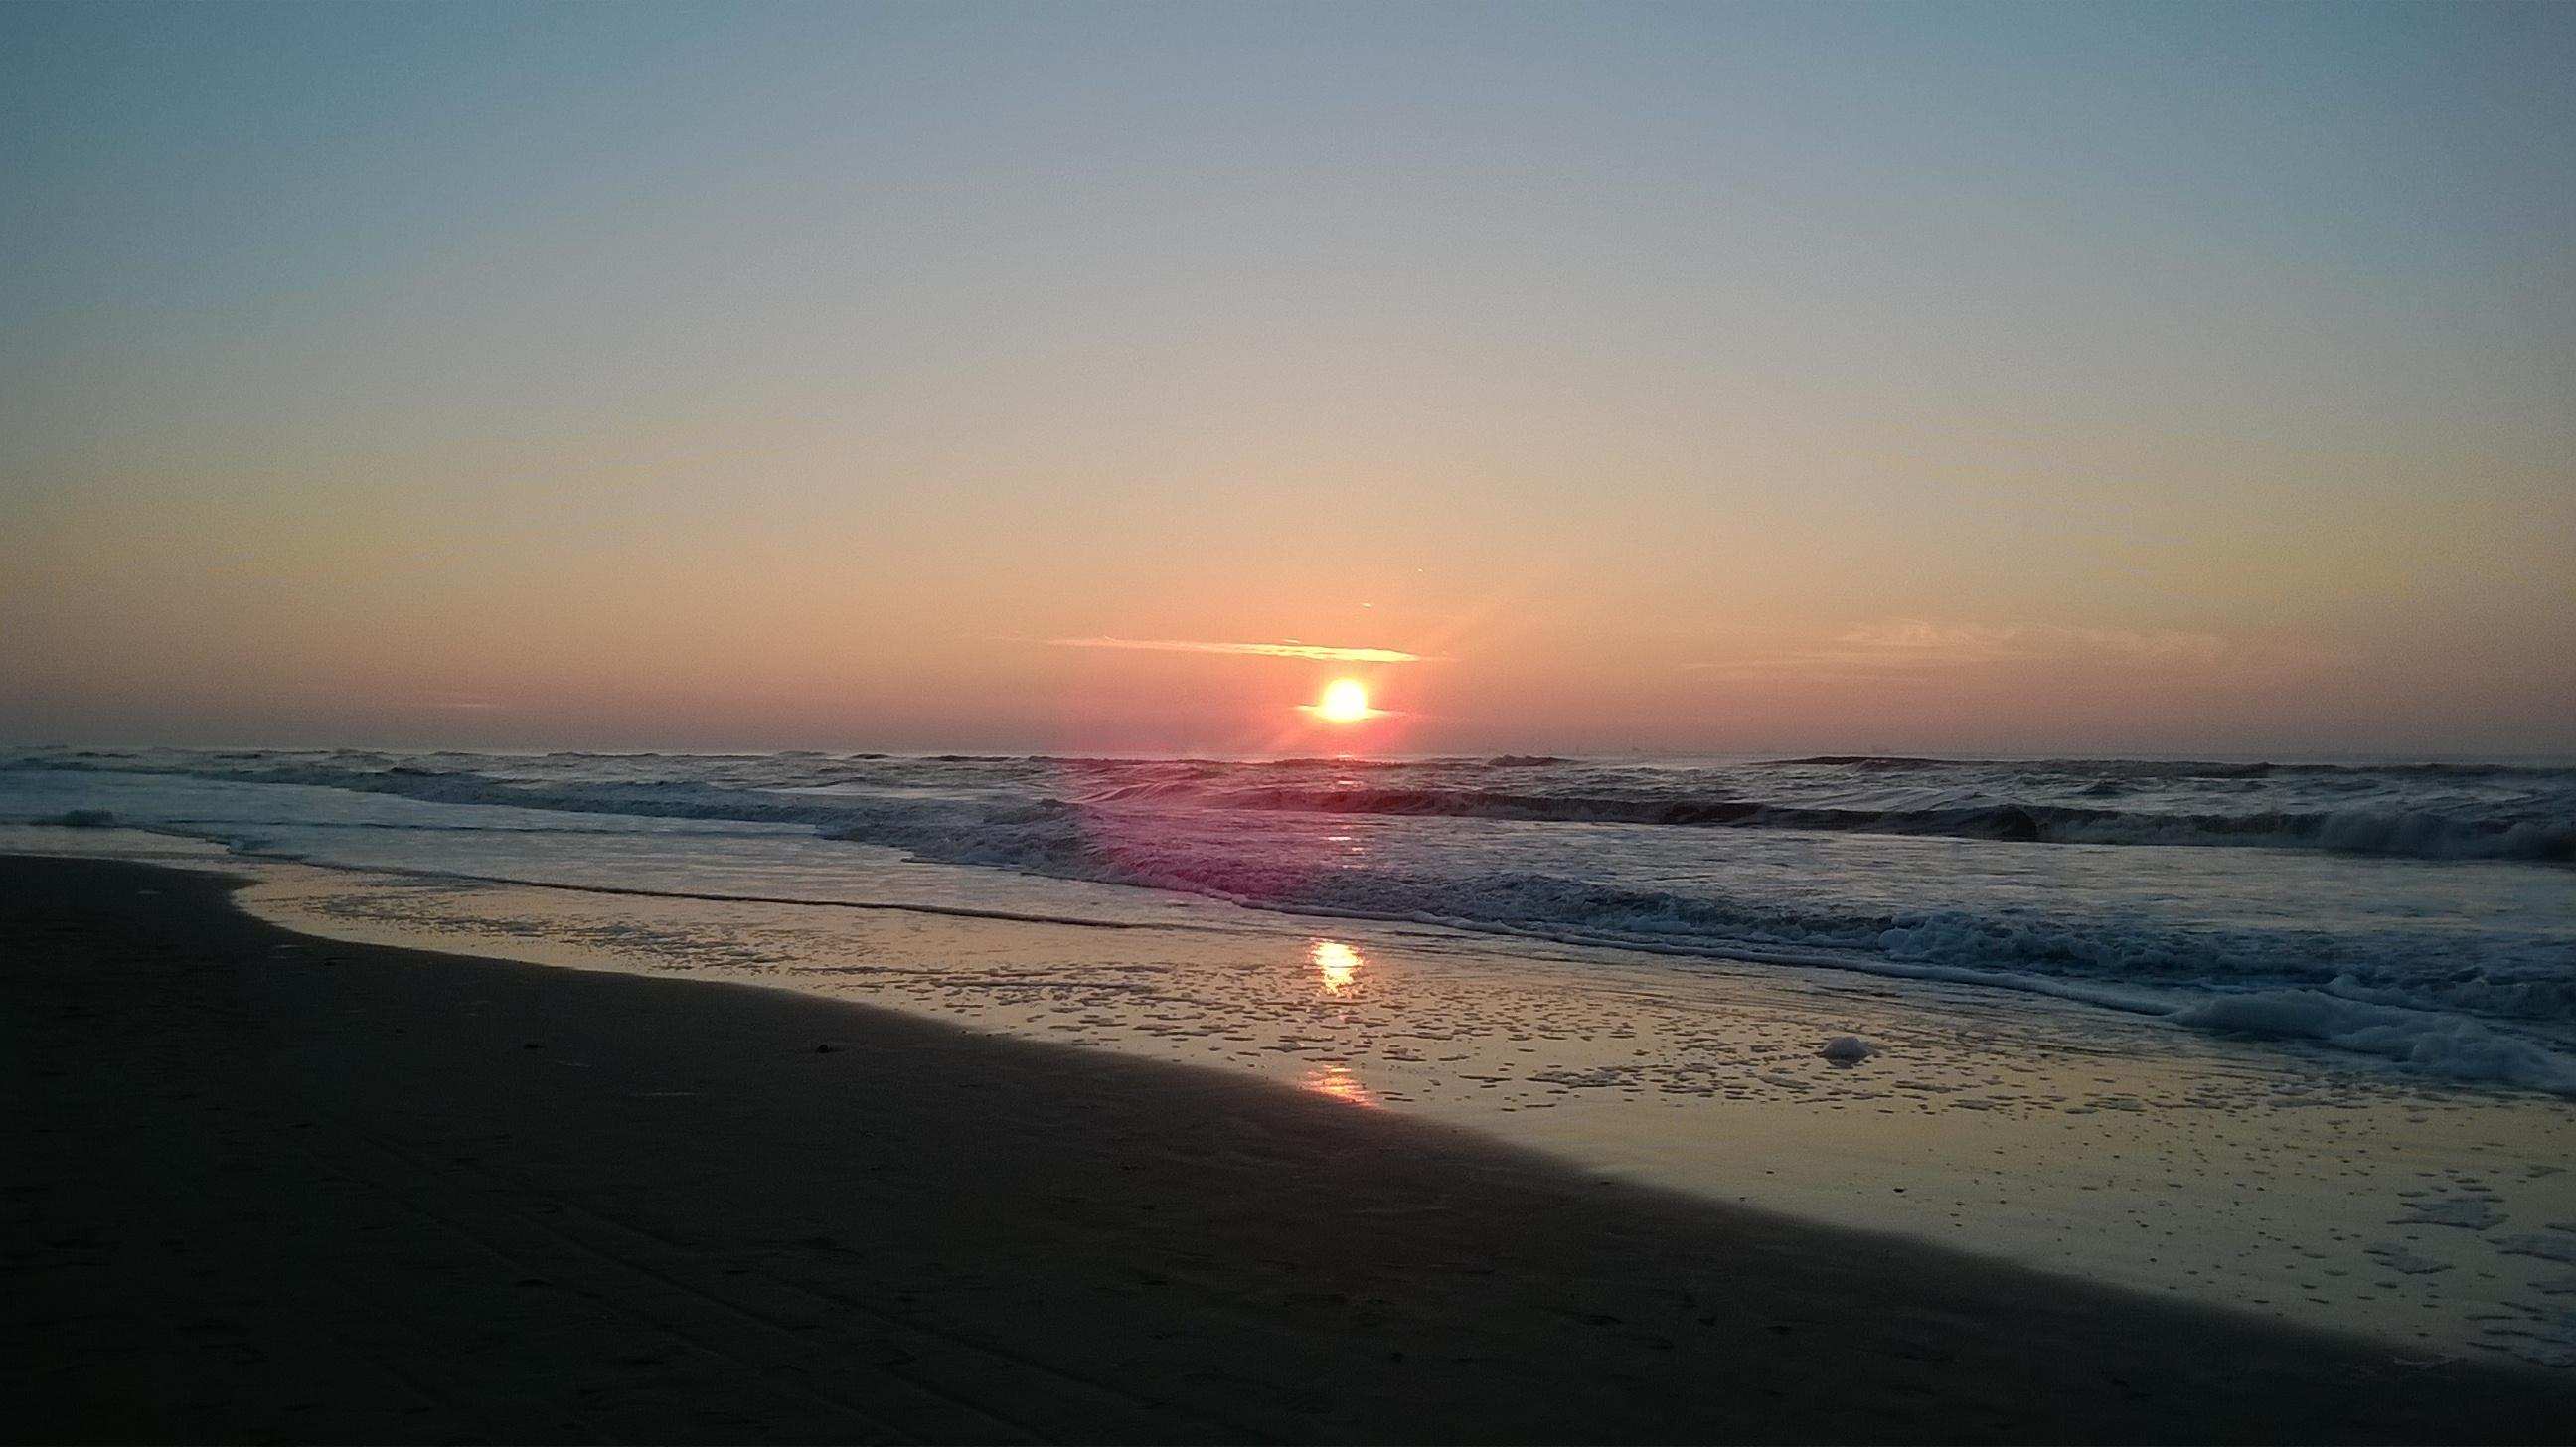 Sonnenuntergang am Strand in Katwijk